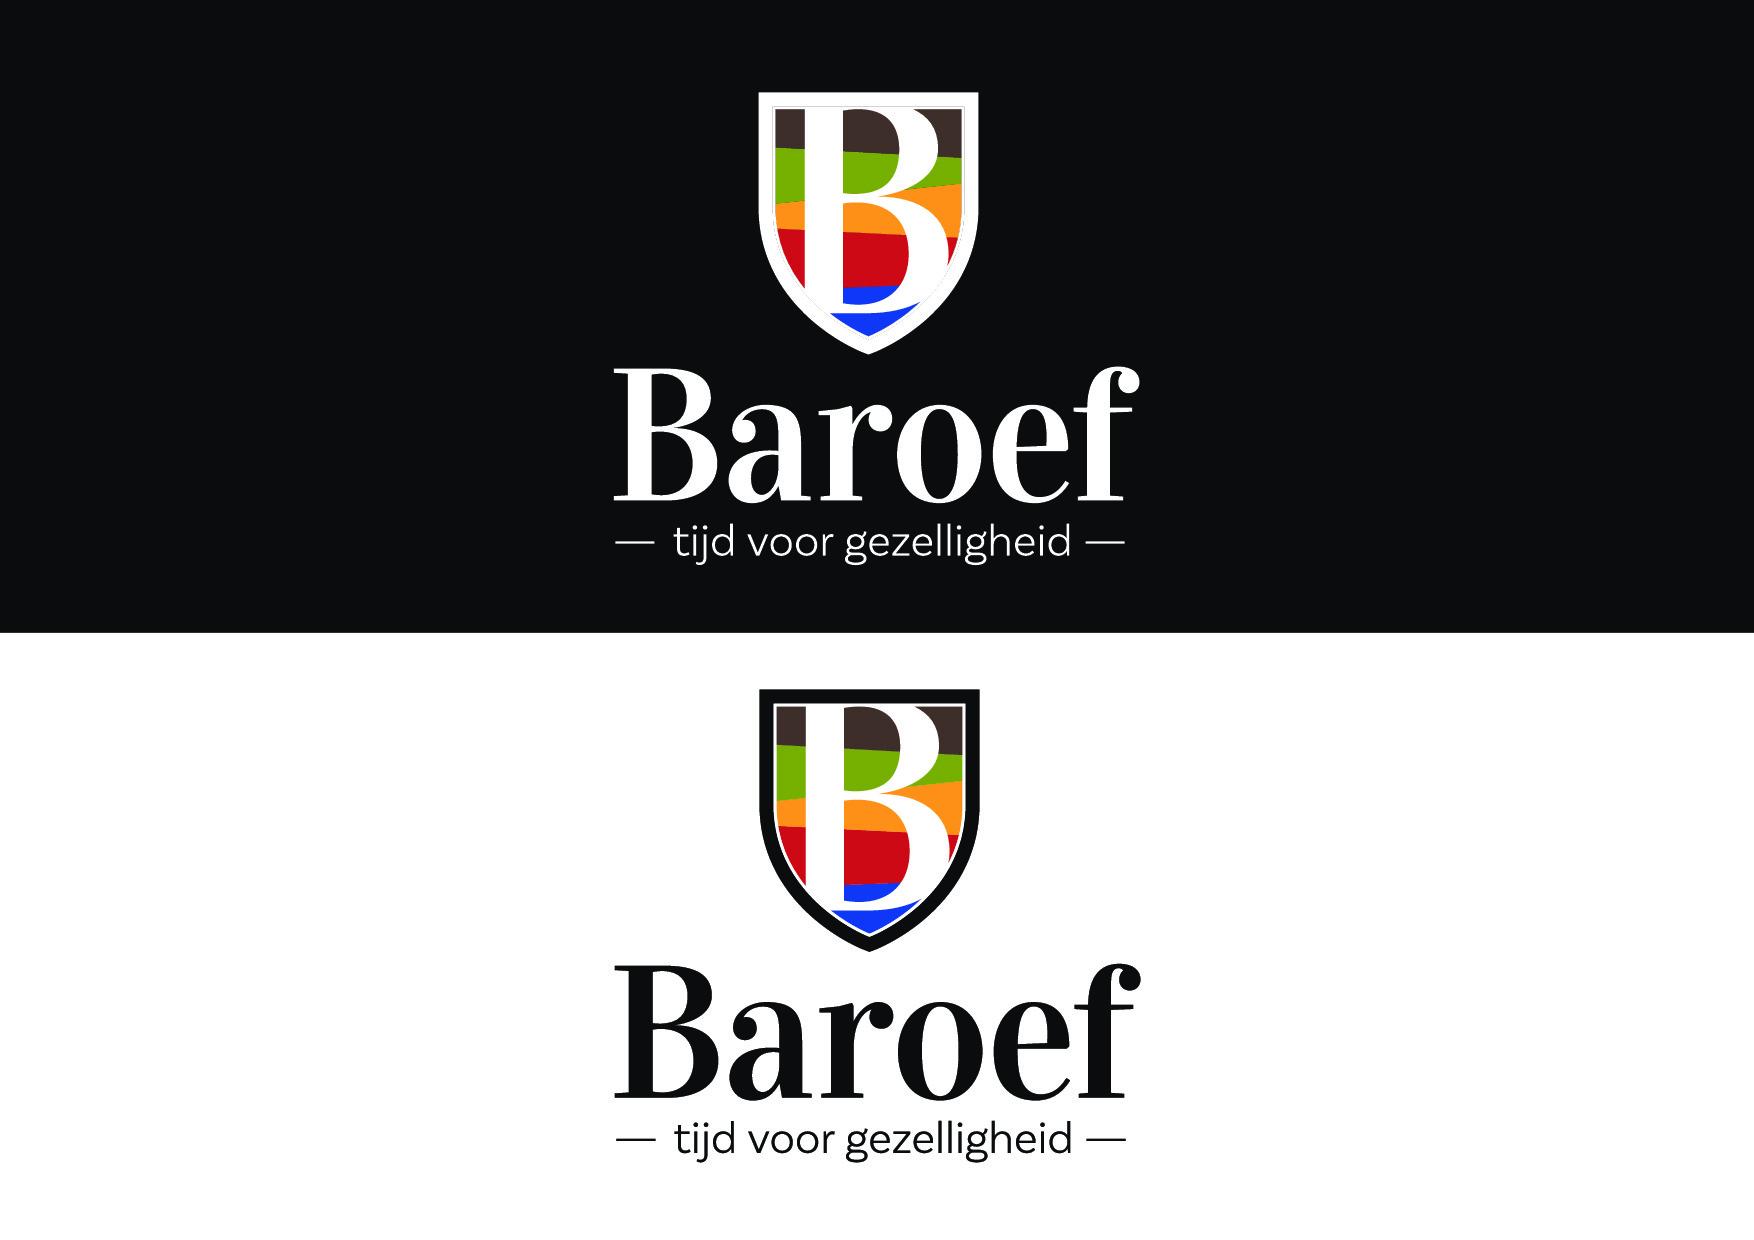 Baroef